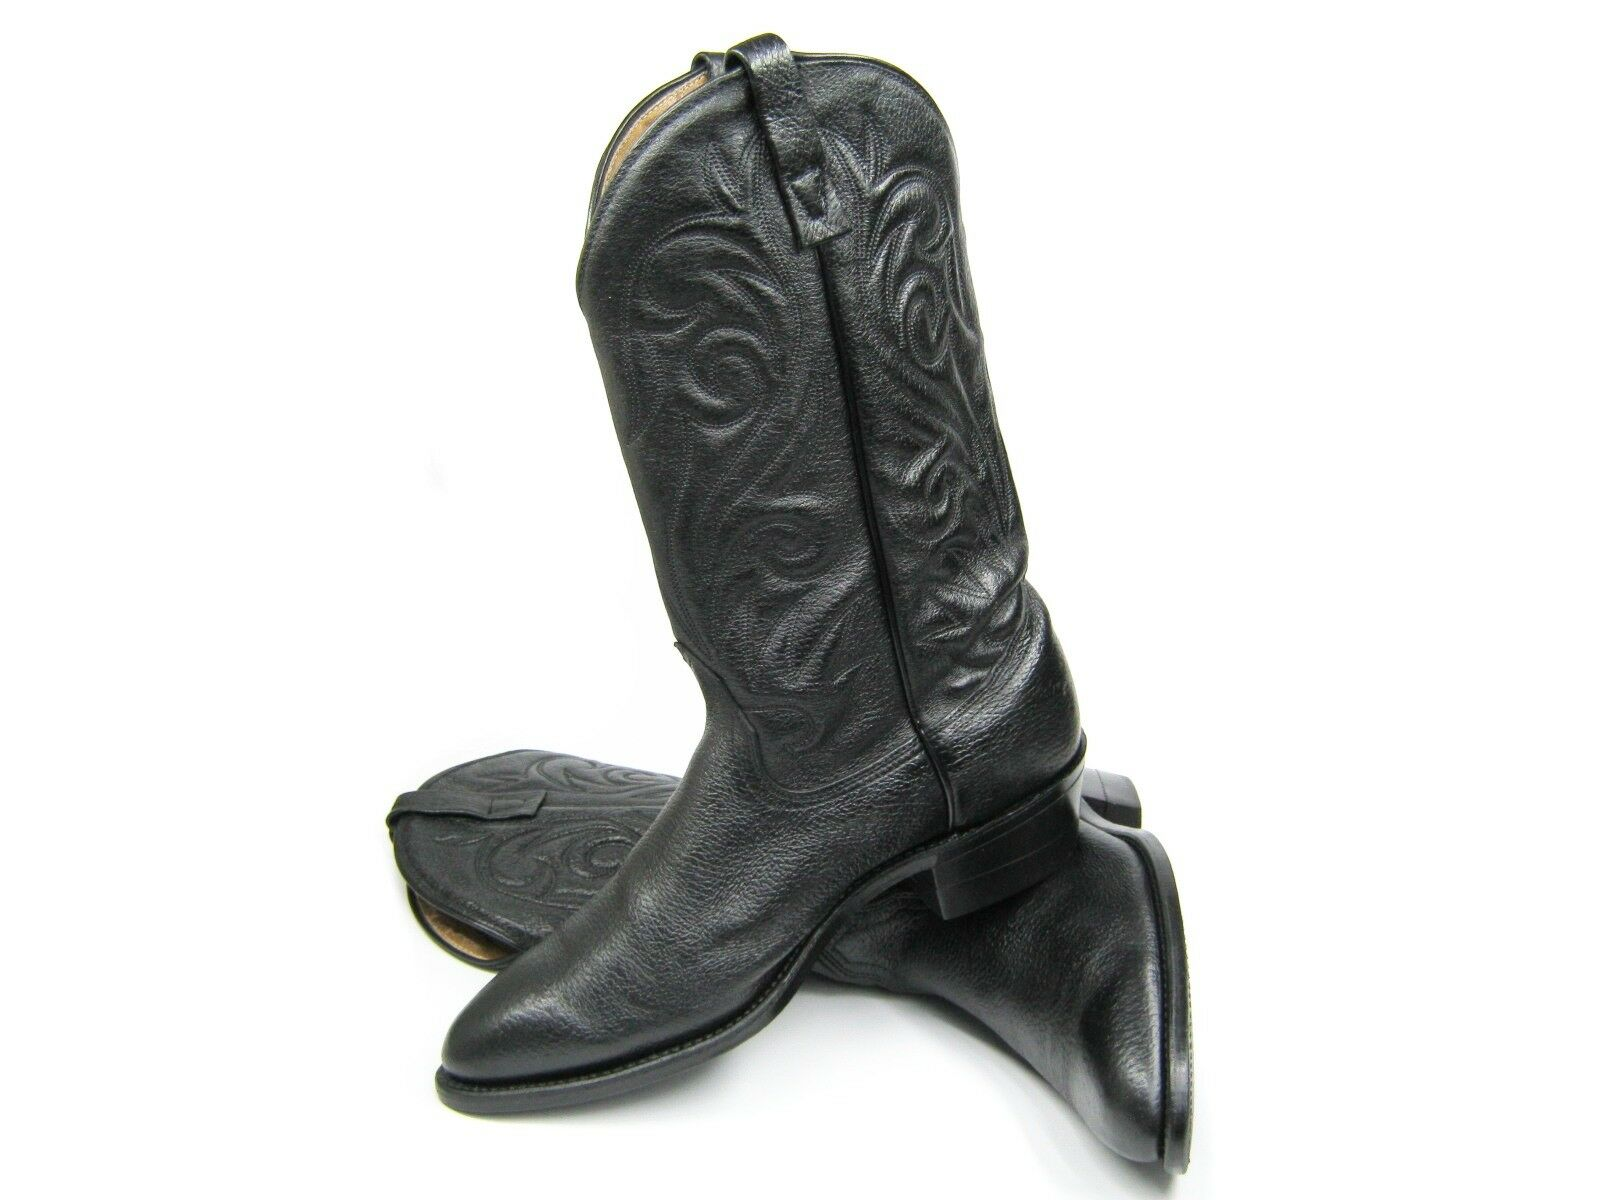 Klassiker Herren Cowboy Western Stiefel Lederstiefel Schwarz Grosse 43 44 11 Top